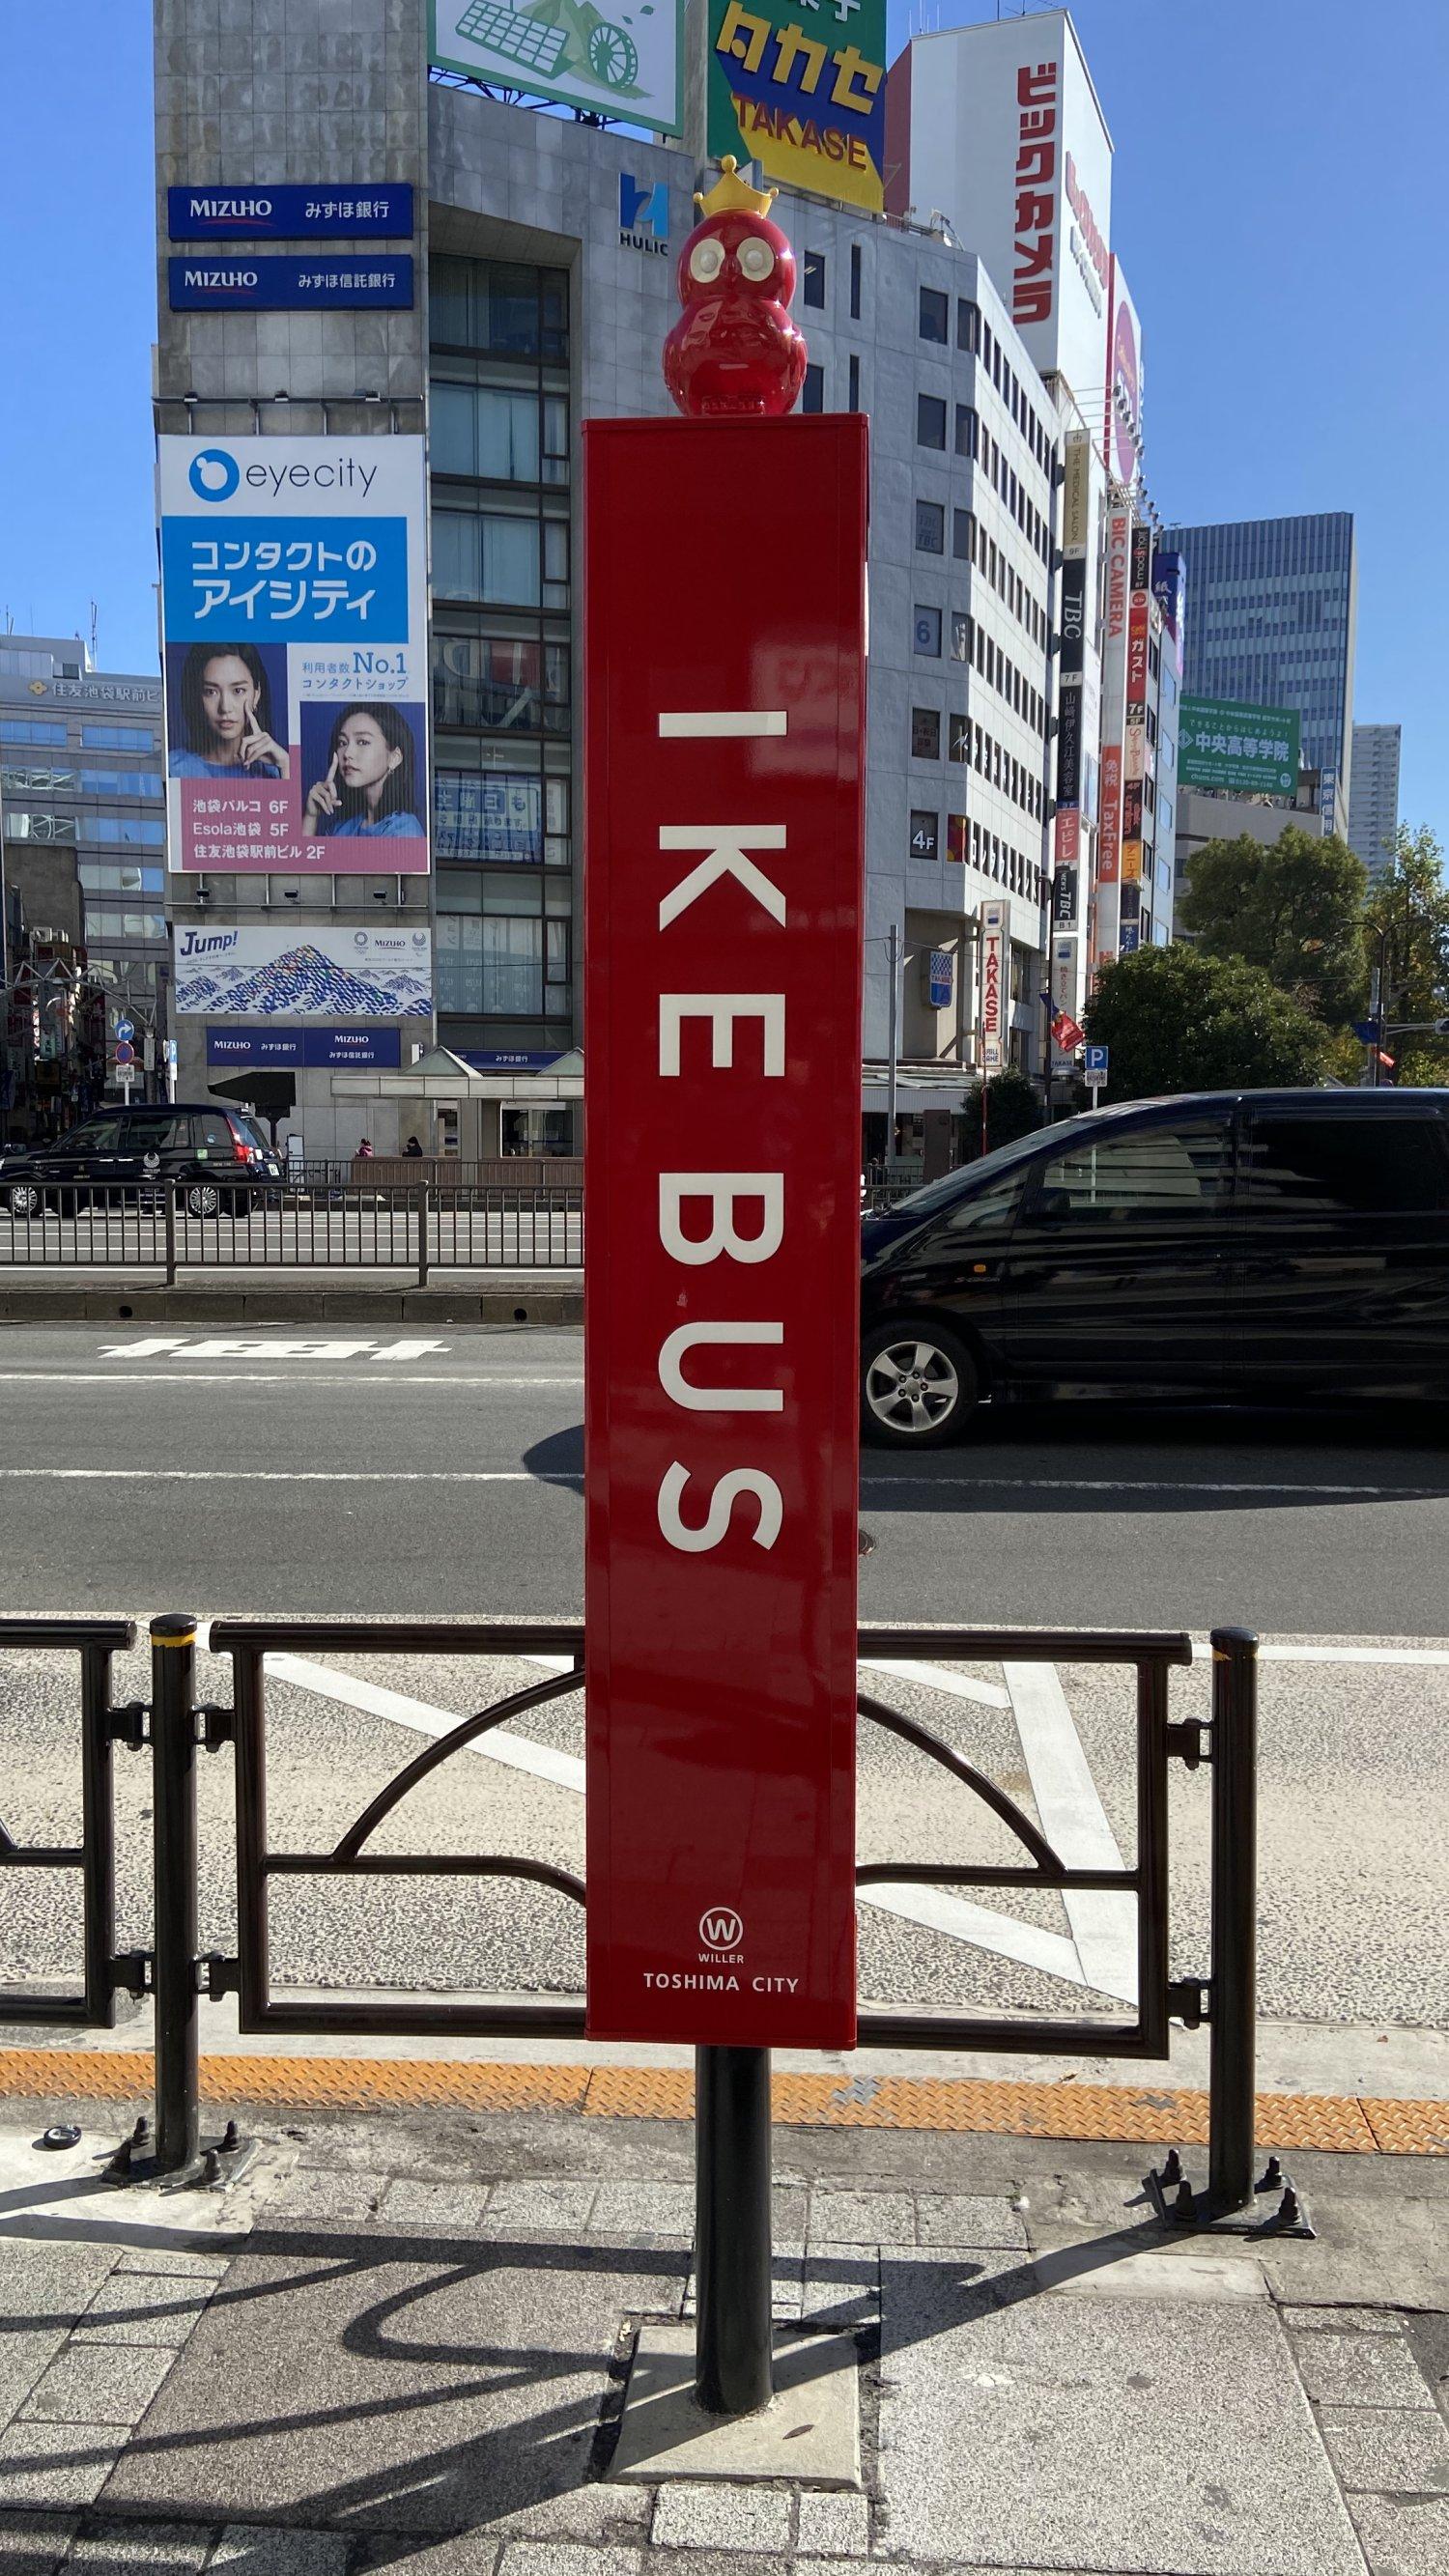 イケバスのバス停。トータルデザインを感じます。